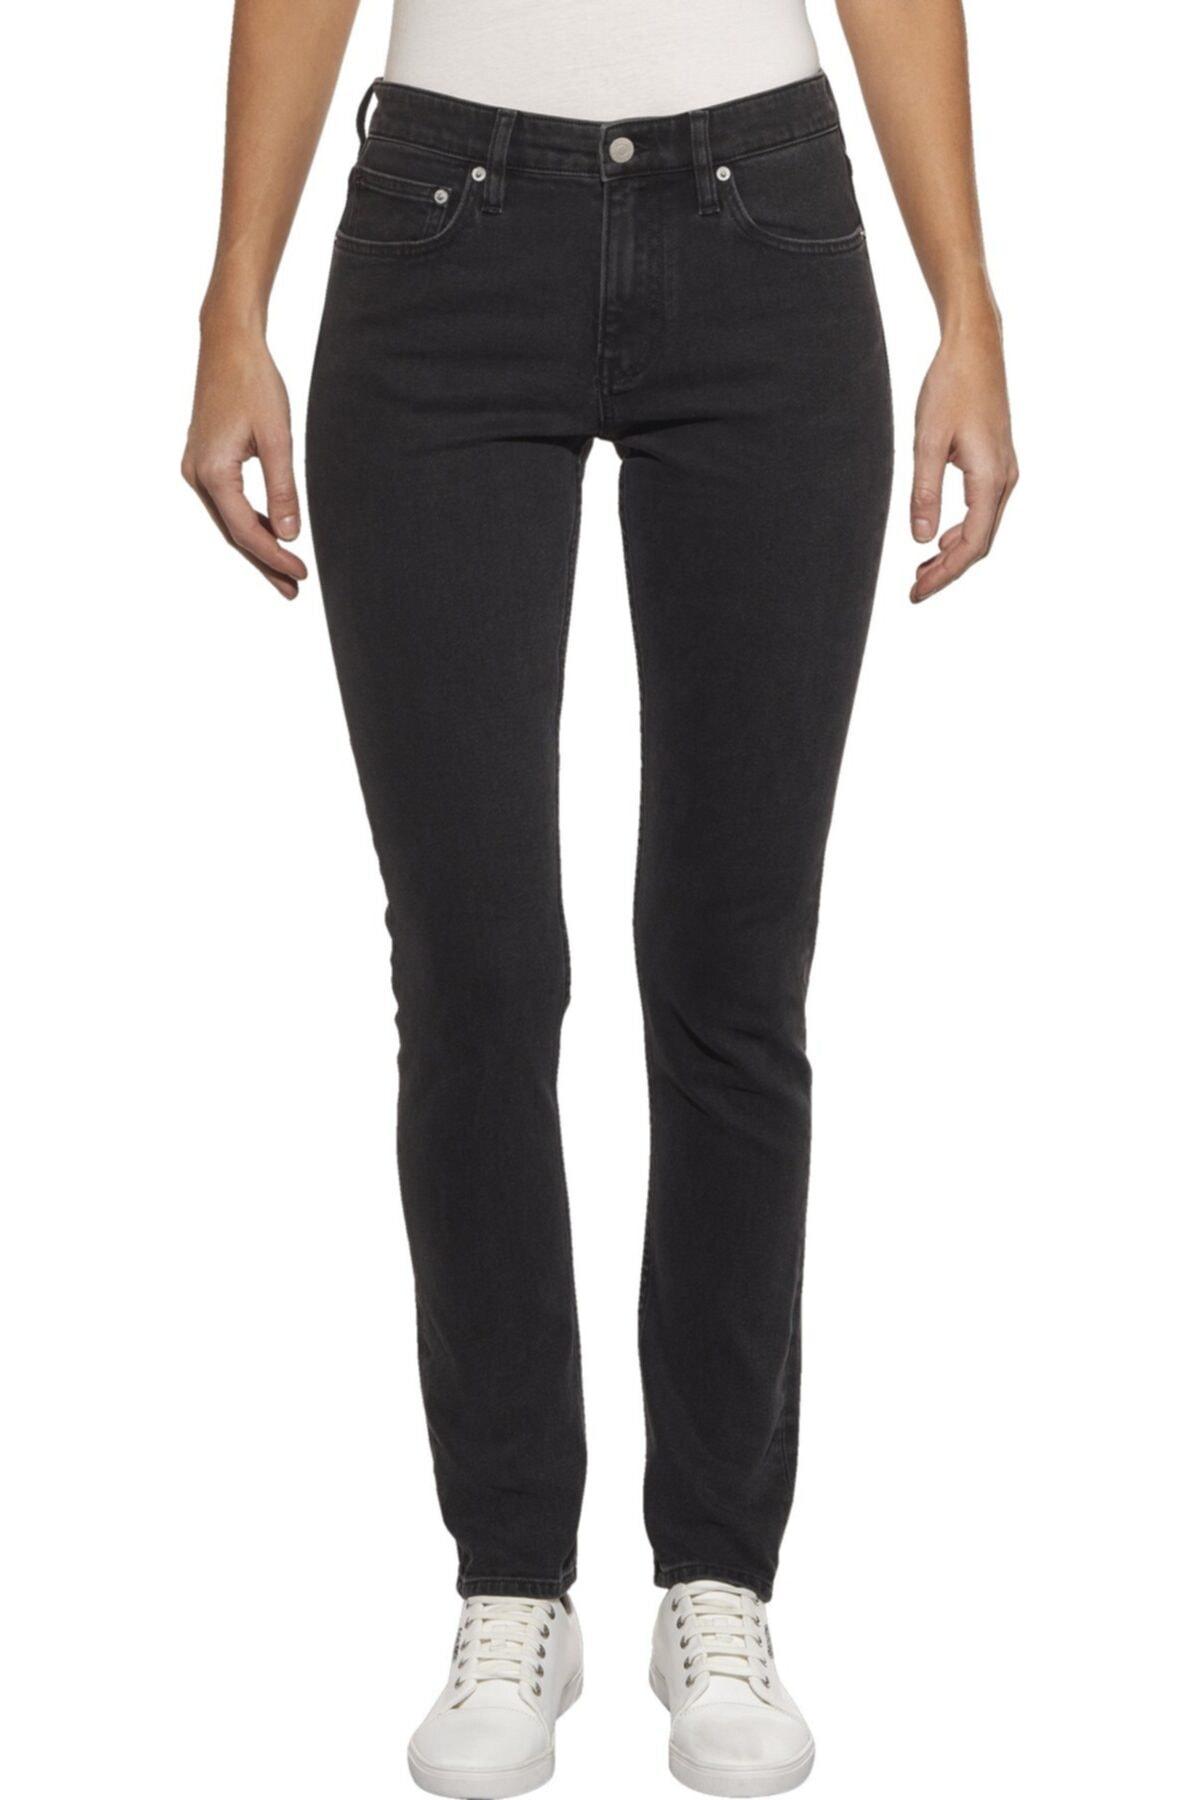 Calvin Klein Kadın Siyah Pantolon J20j208930 1